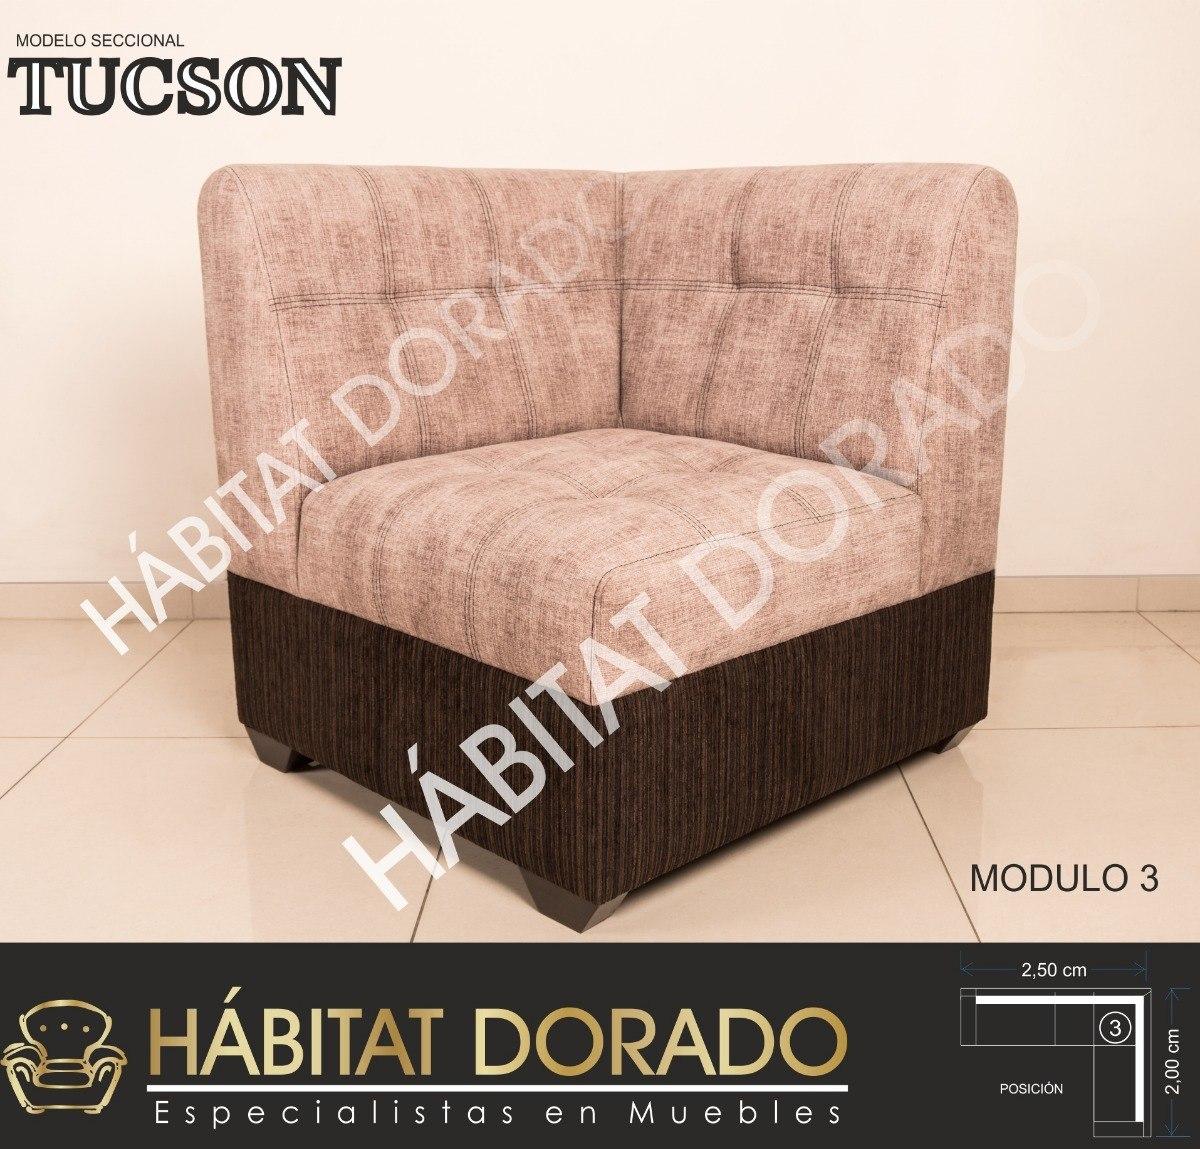 Excepcional Muebles De Cuero Tucson Elaboración - Muebles Para Ideas ...